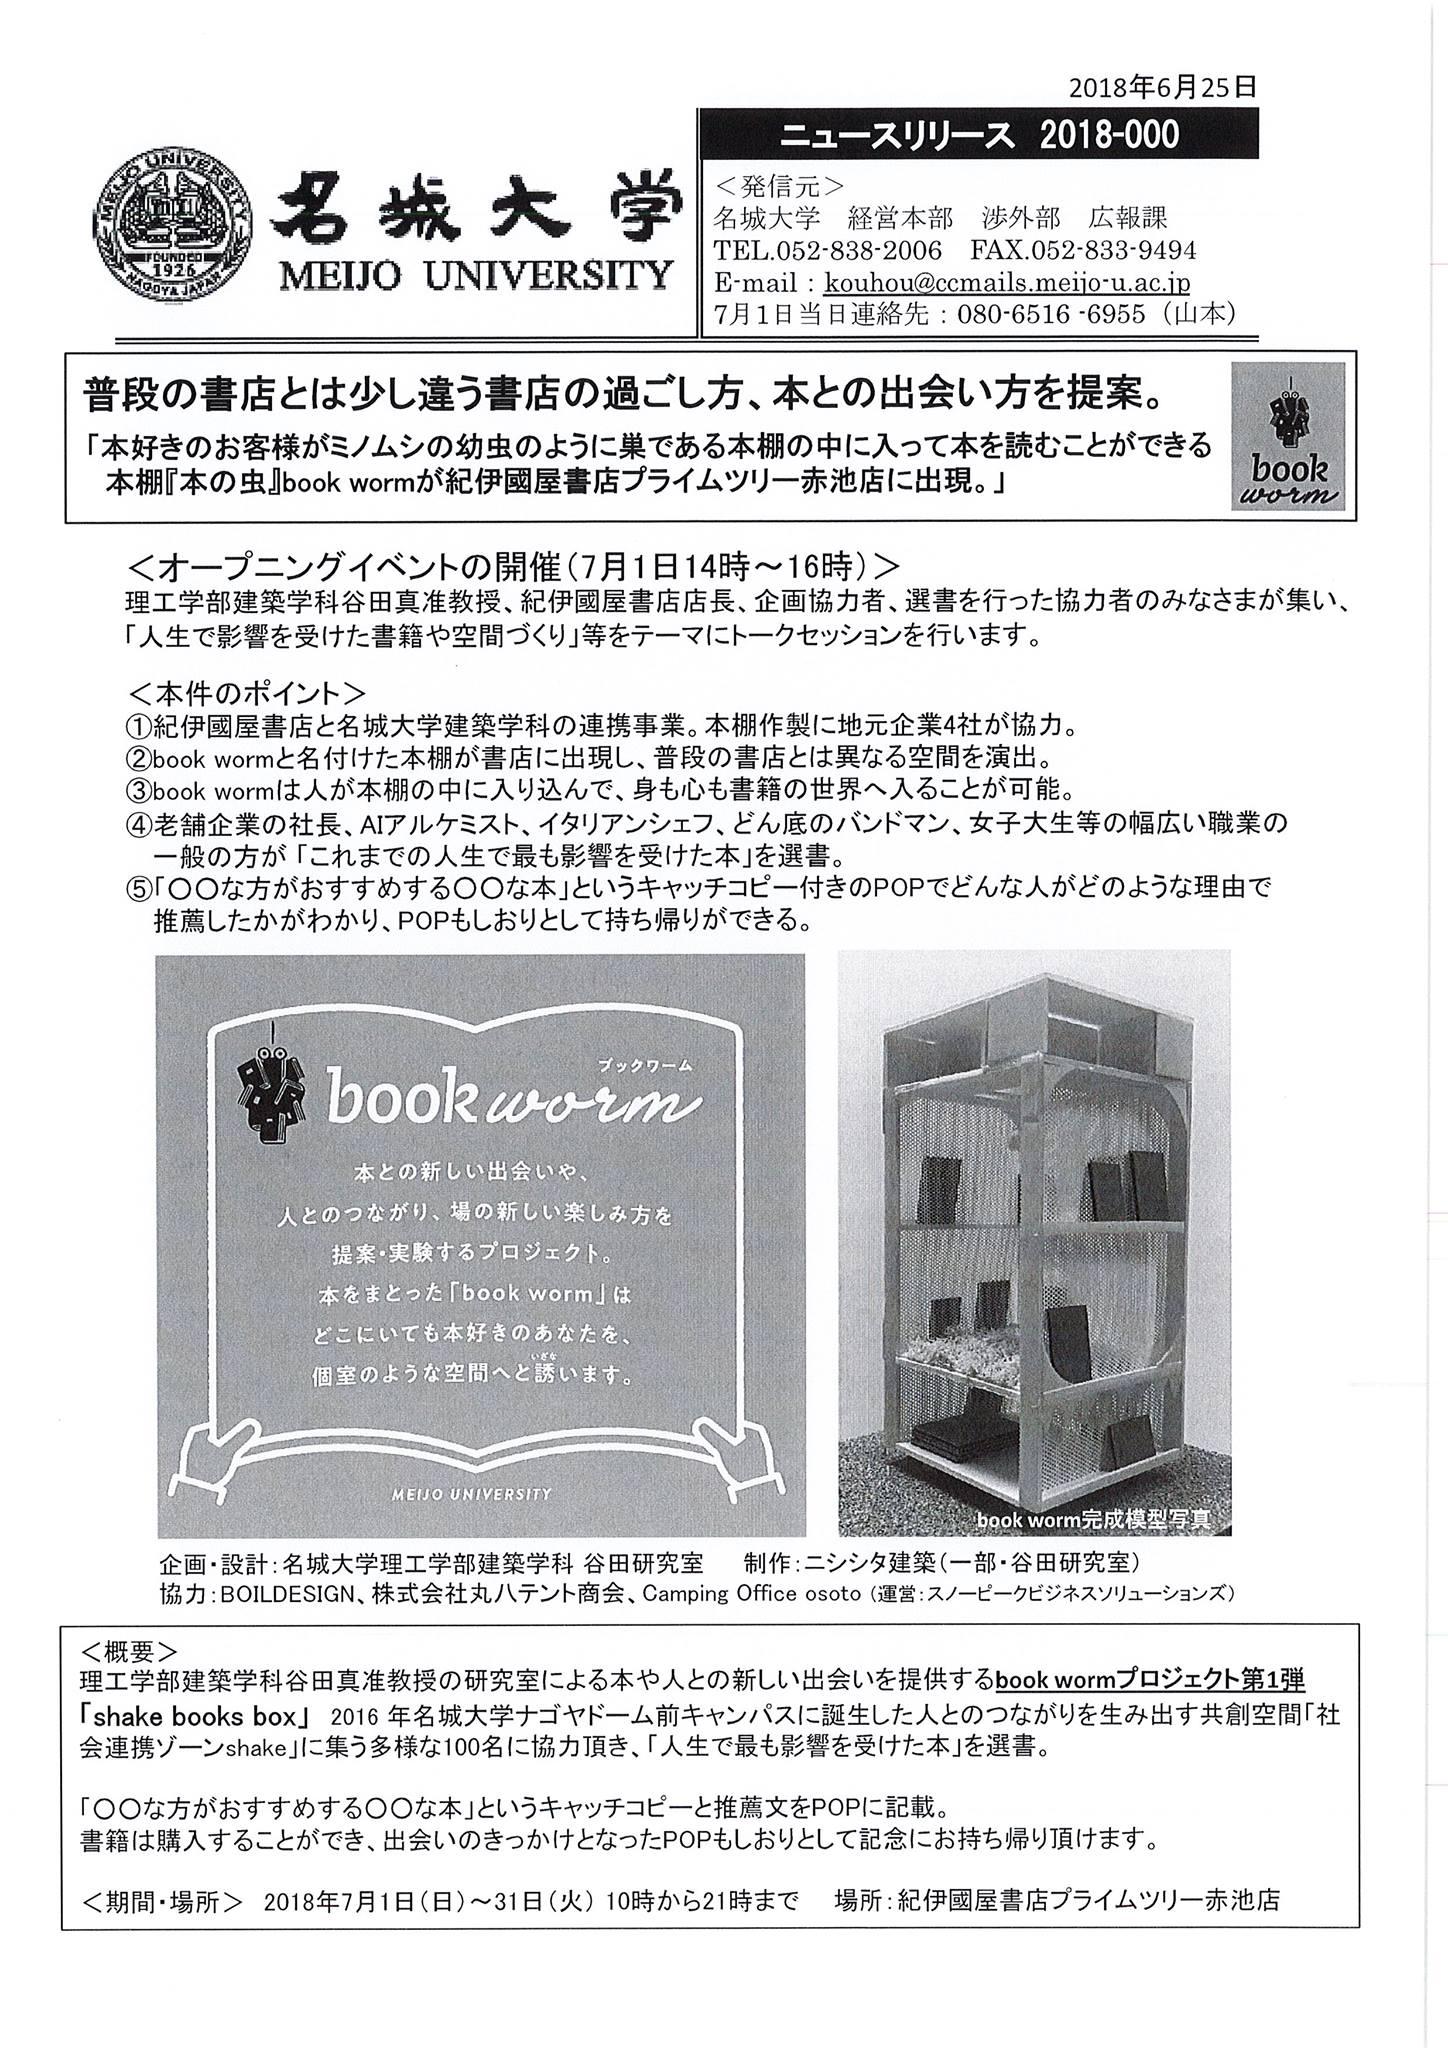 名城大学プレスリリース